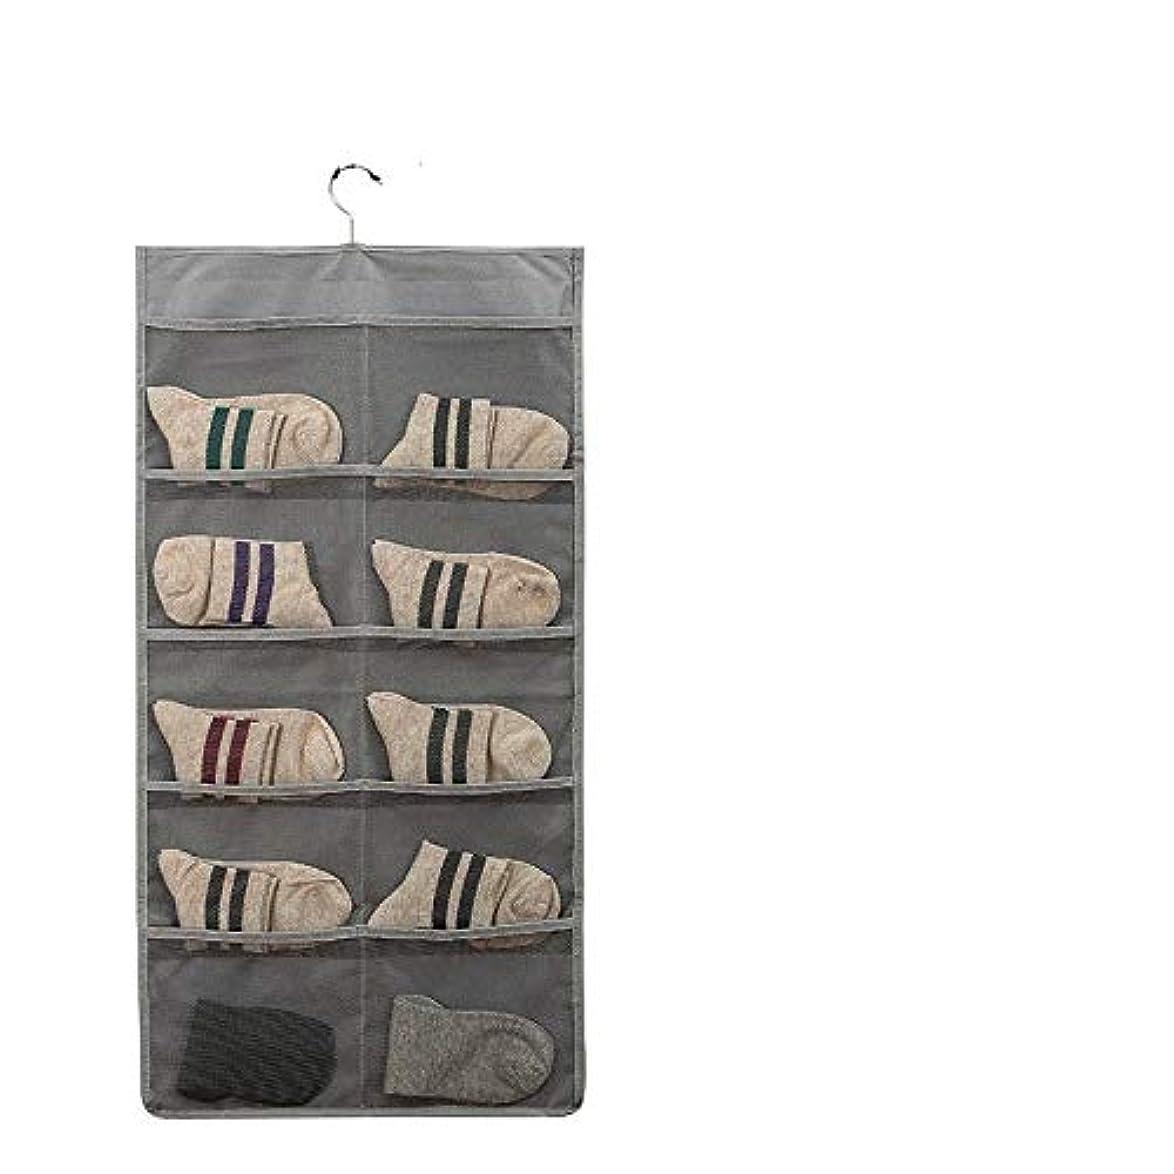 取り戻す予言するバックRuzzy123 収納袋家庭用収納袋両面収納袋、下着収納吊りバッグ、壁収納袋、靴下収納袋、壁収納袋、省スペース、寮/ホームメッシュ収納袋 購入へようこそ (Color : グレー)